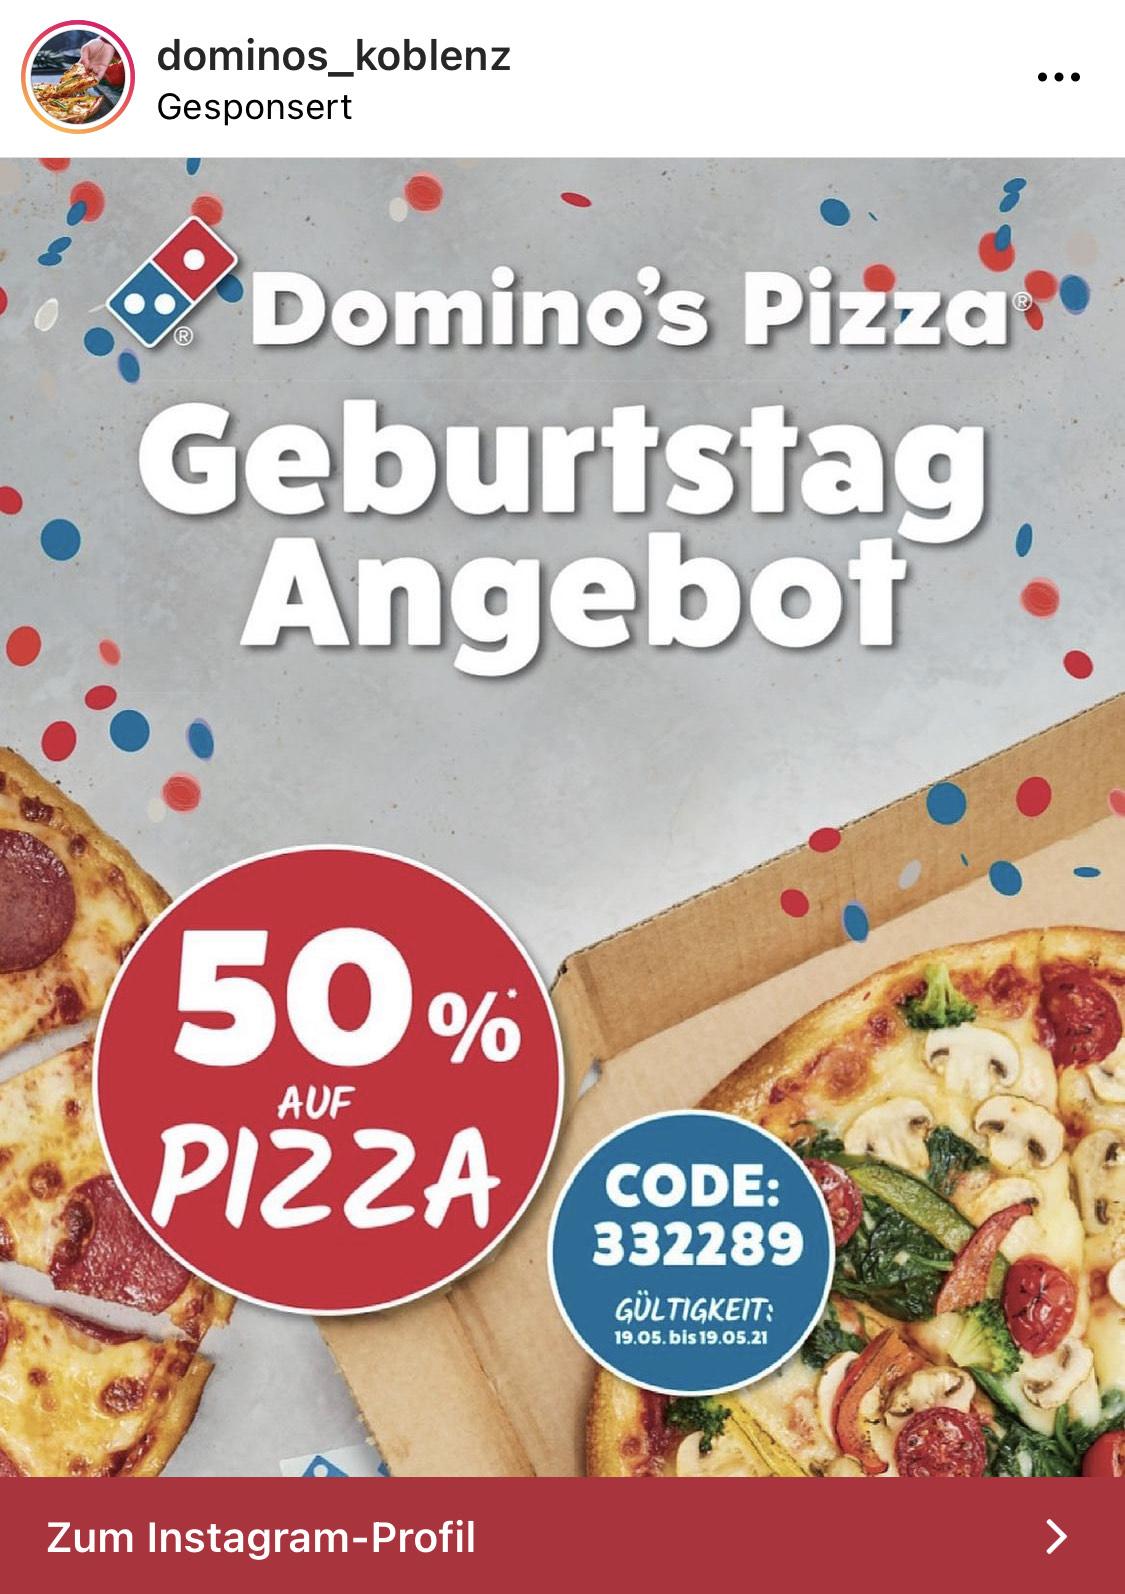 Dominos Koblenz Gutschein auf Pizza